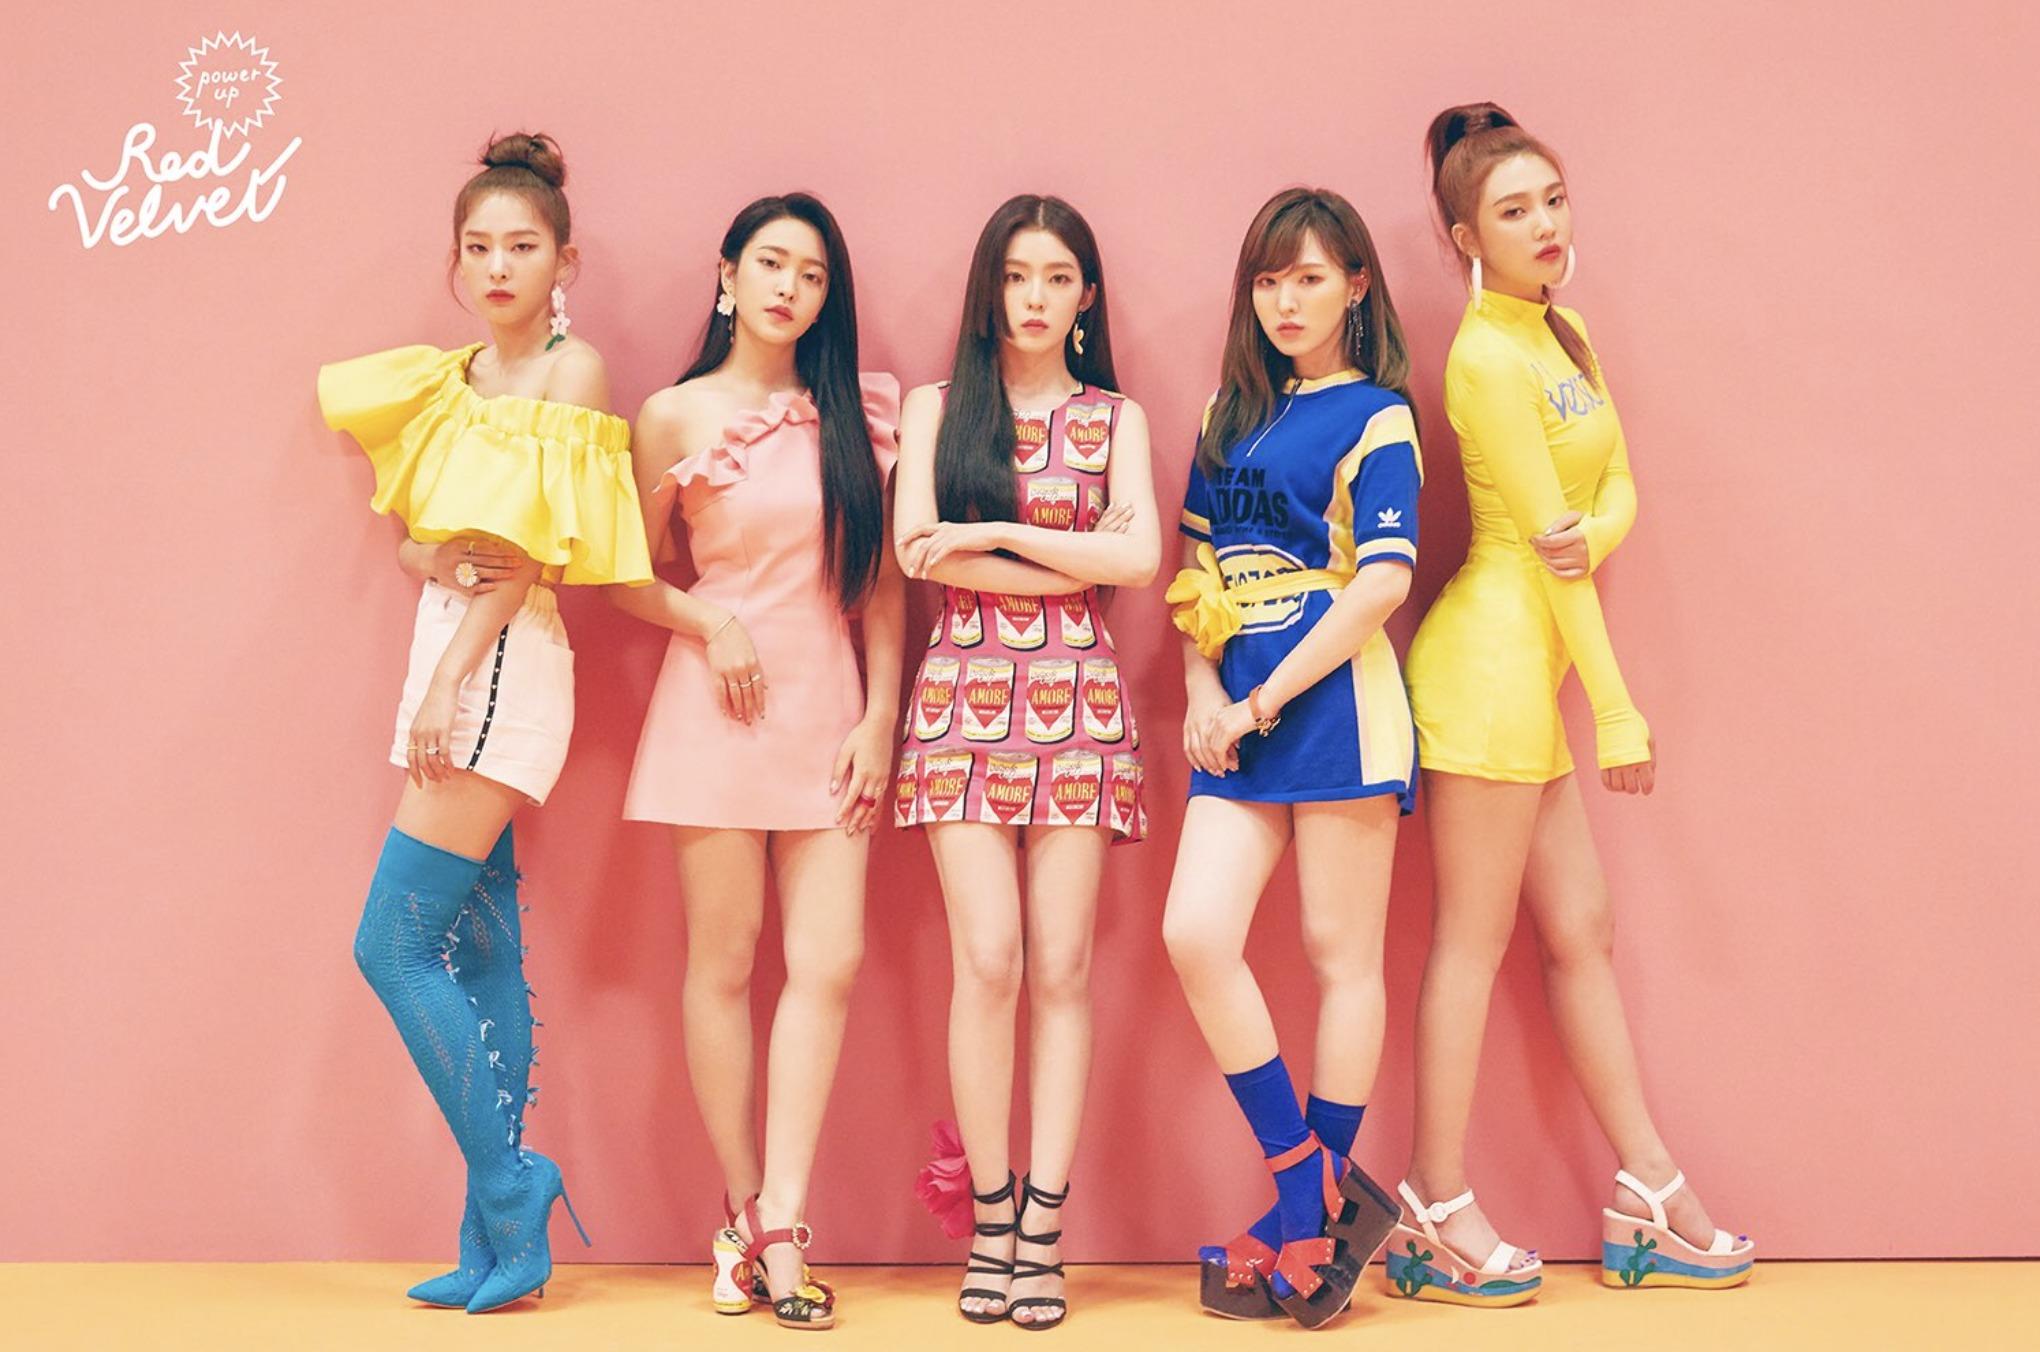 Red Velvetのチケット倍率